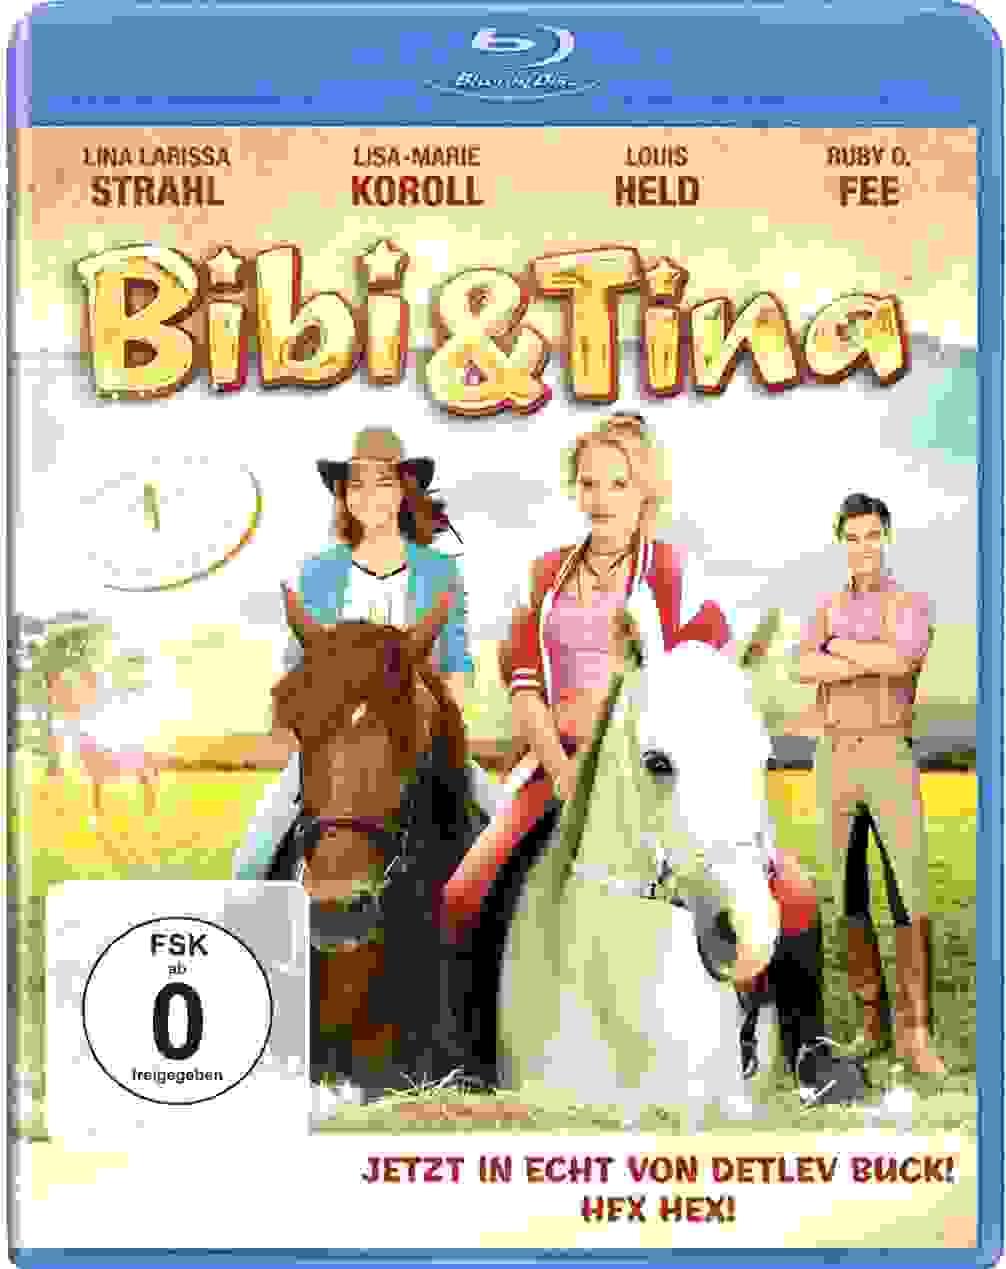 Schöne Ideen Bibi Und Tina Bettwäsche Zum Film Intelligente Video von Bibi Und Tina Bettwäsche Zum Film Bild